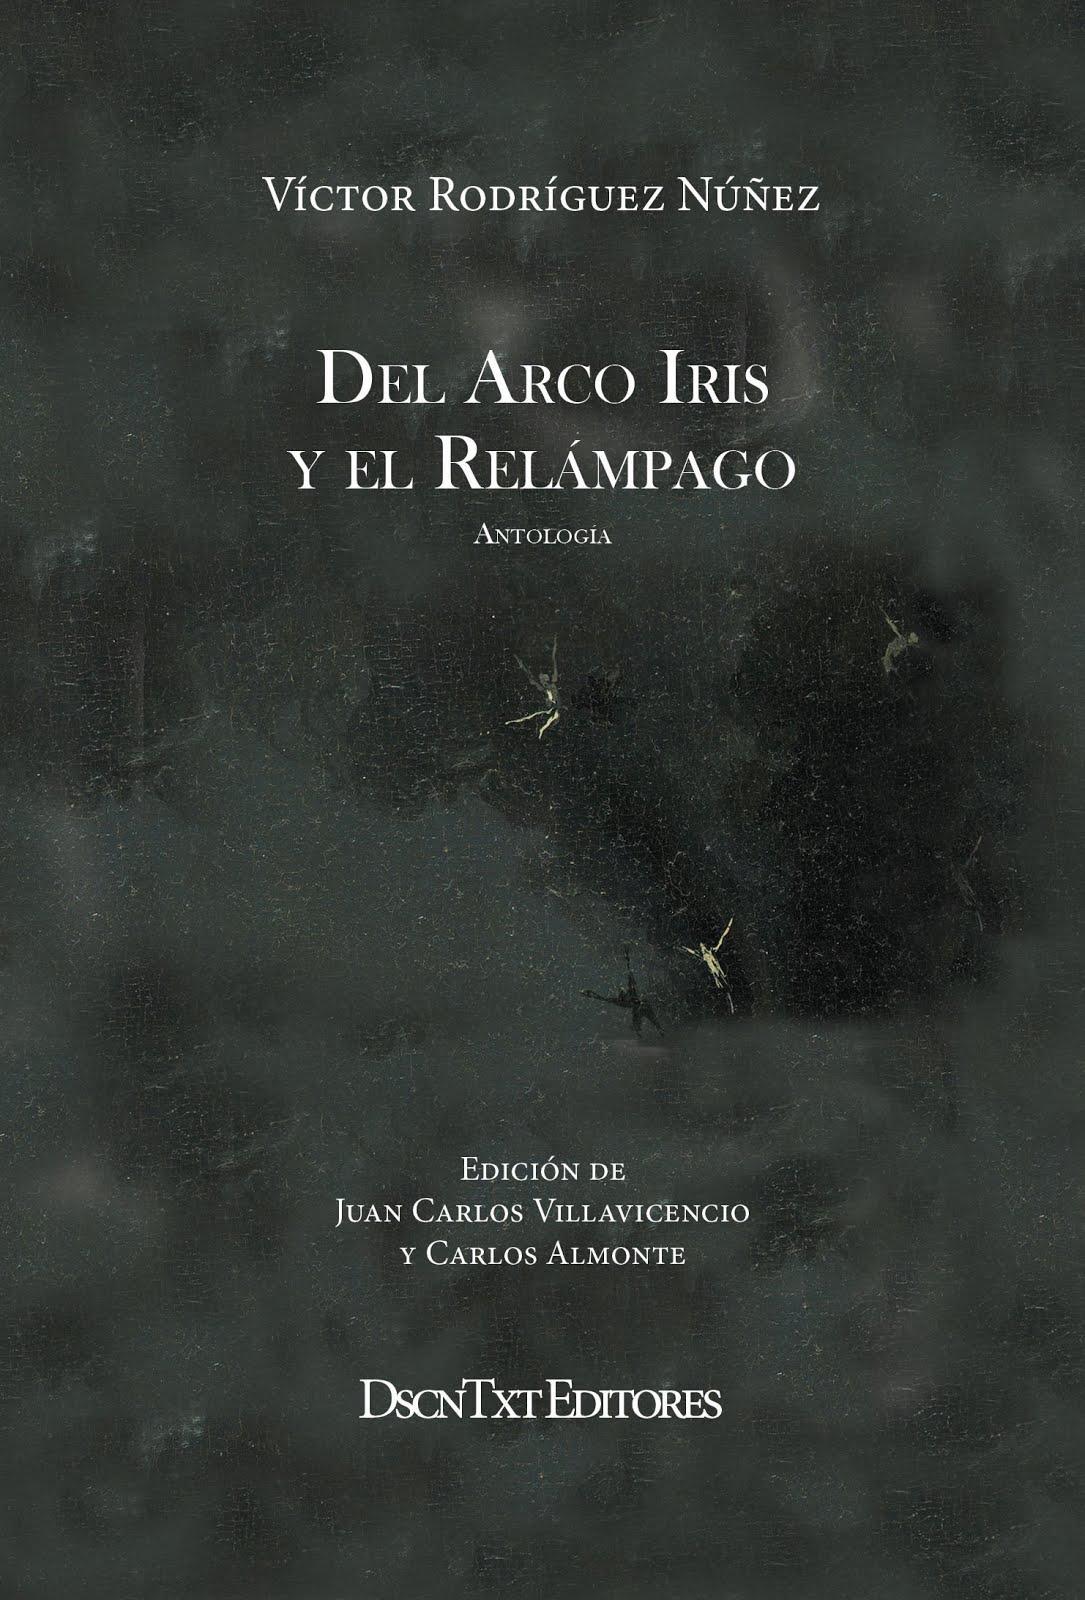 Del arco iris y el relámpago, de Víctor Rodríguez Núñez. Edición de Villavicencio y Almonte